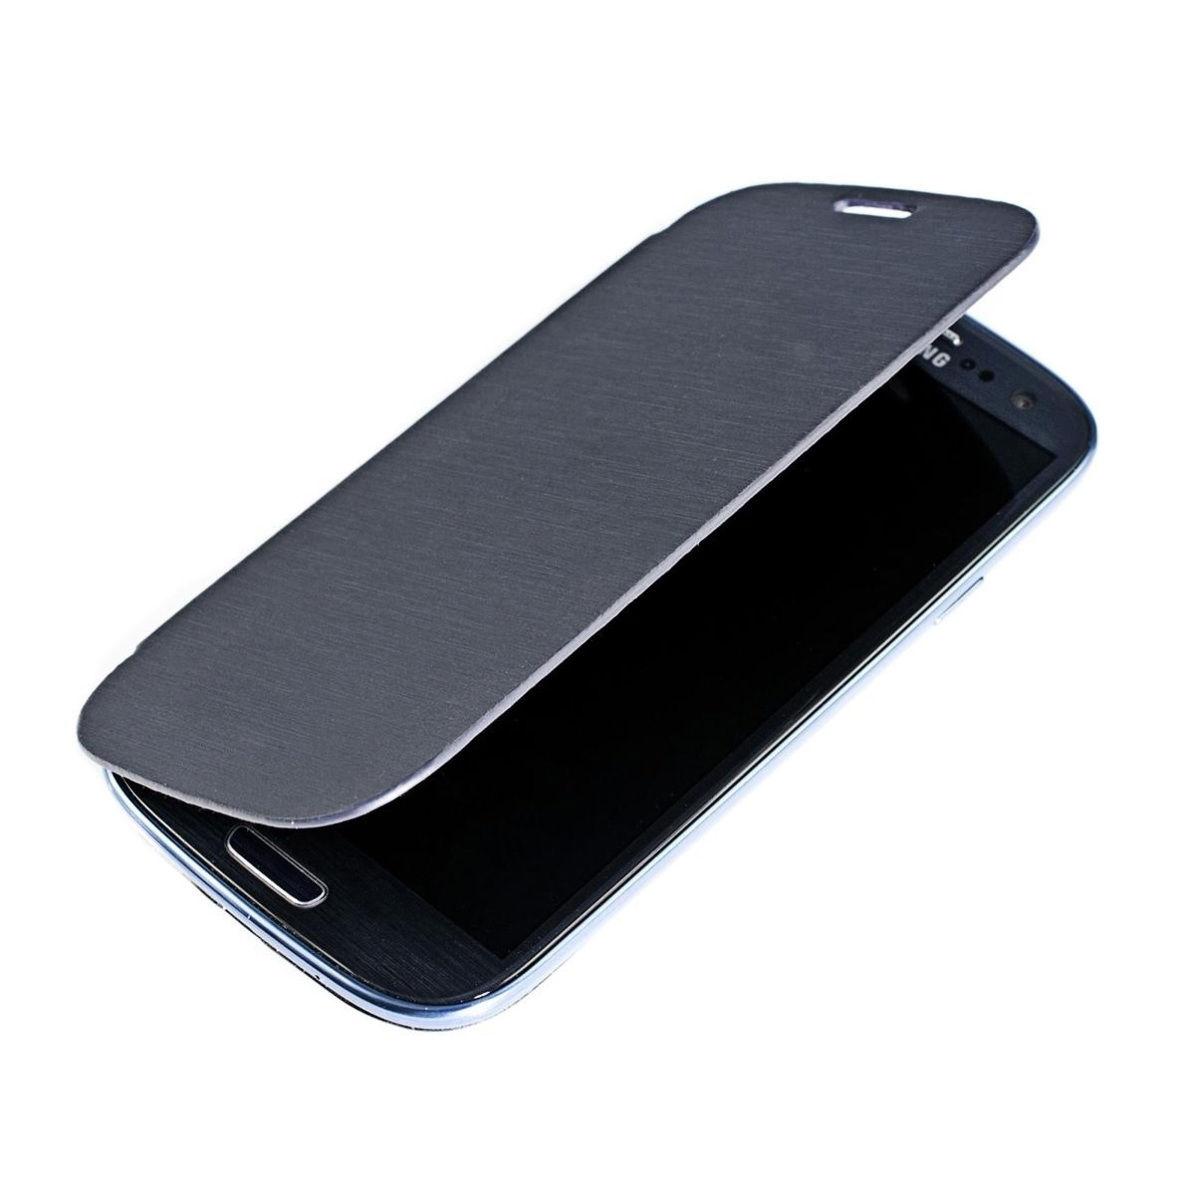 Pouzdro pro Samsung Galaxy S3 i9300 /S3 Neo I9301 černé